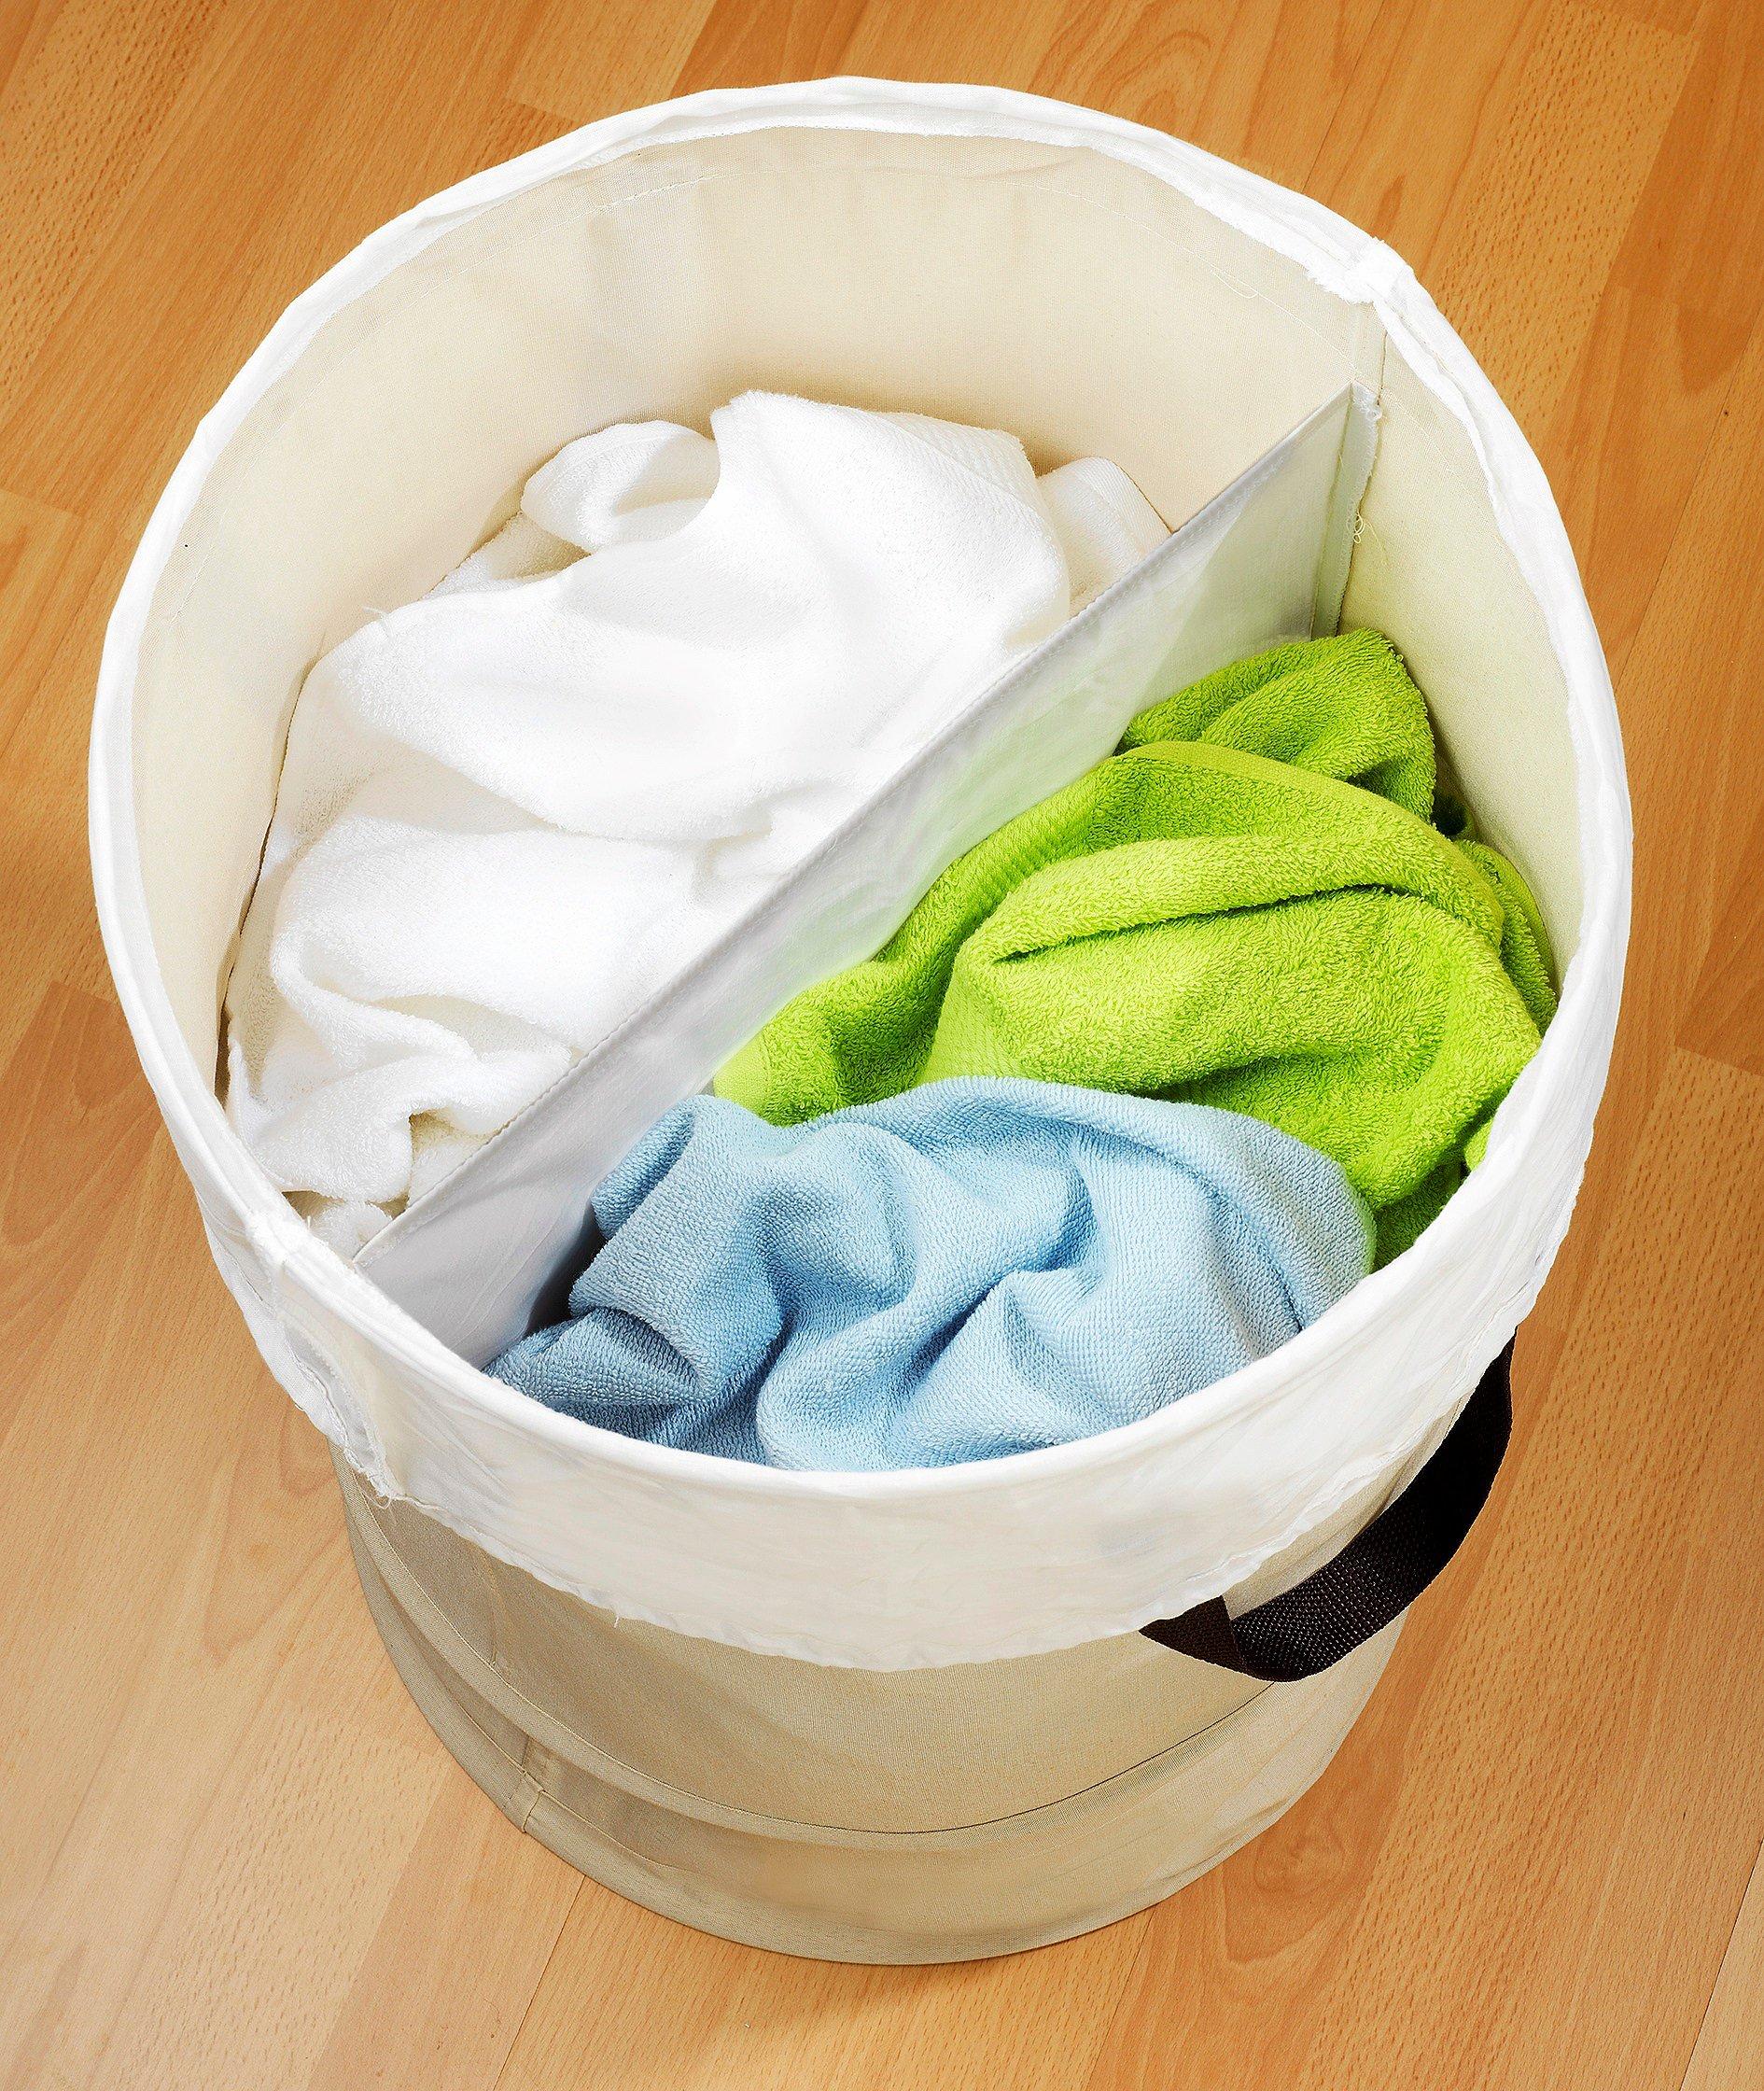 Popup Wäschesammler 2 in 1 jetzt bei Weltbild.de bestellen